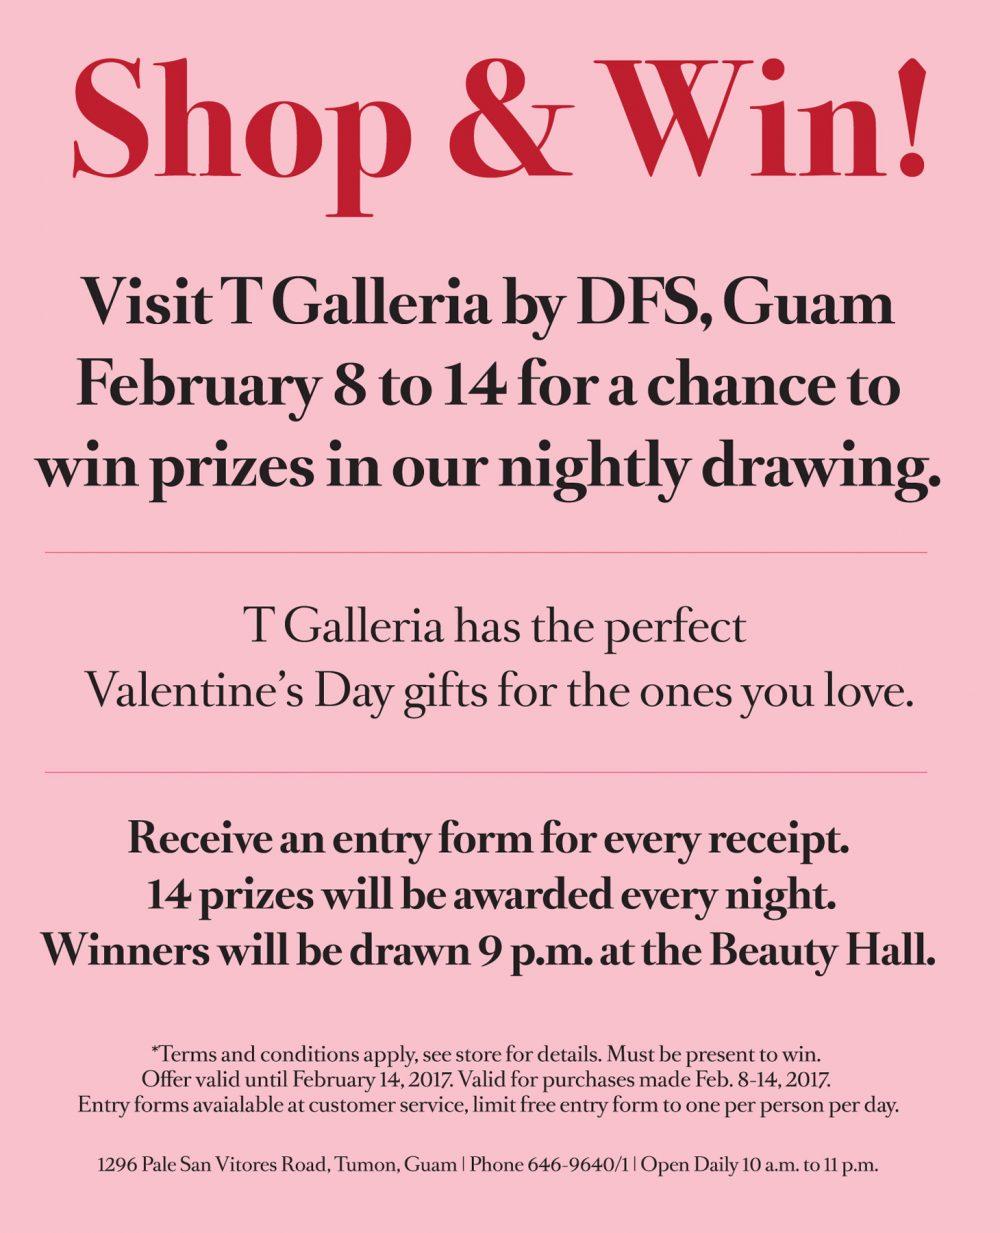 Shop&Win! バレンタインのショッピングがダブルで楽しめる、期間限定の特別イベント (Tギャラリアグアム)